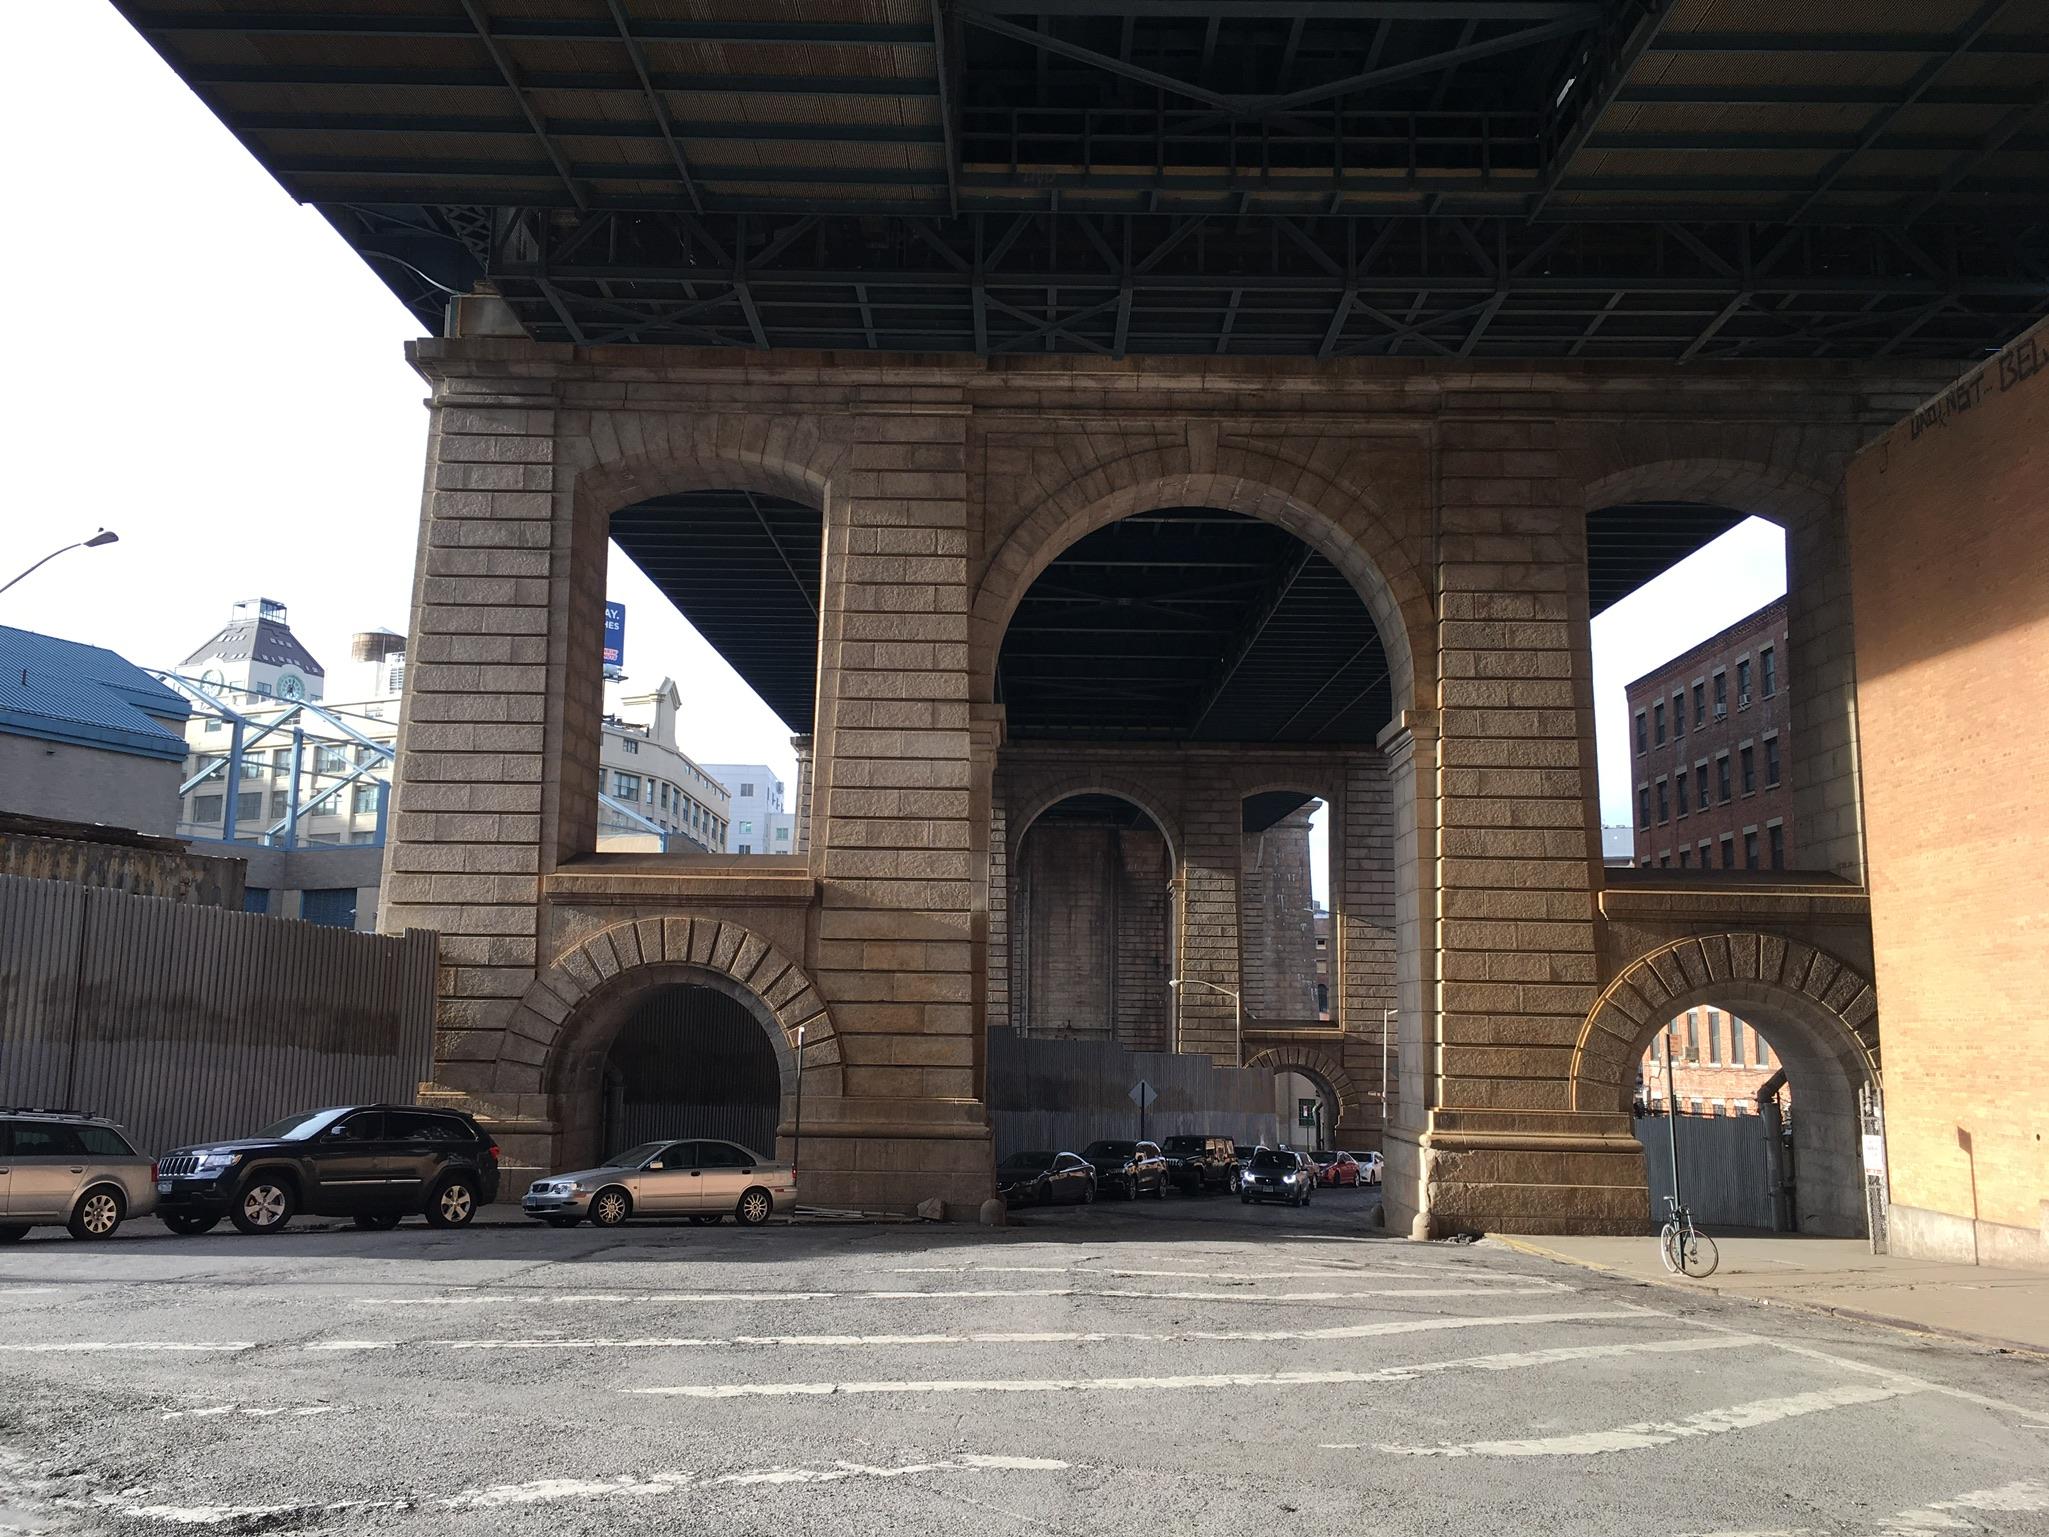 down-under-the-manhattan-brooklyn-overpass.JPG